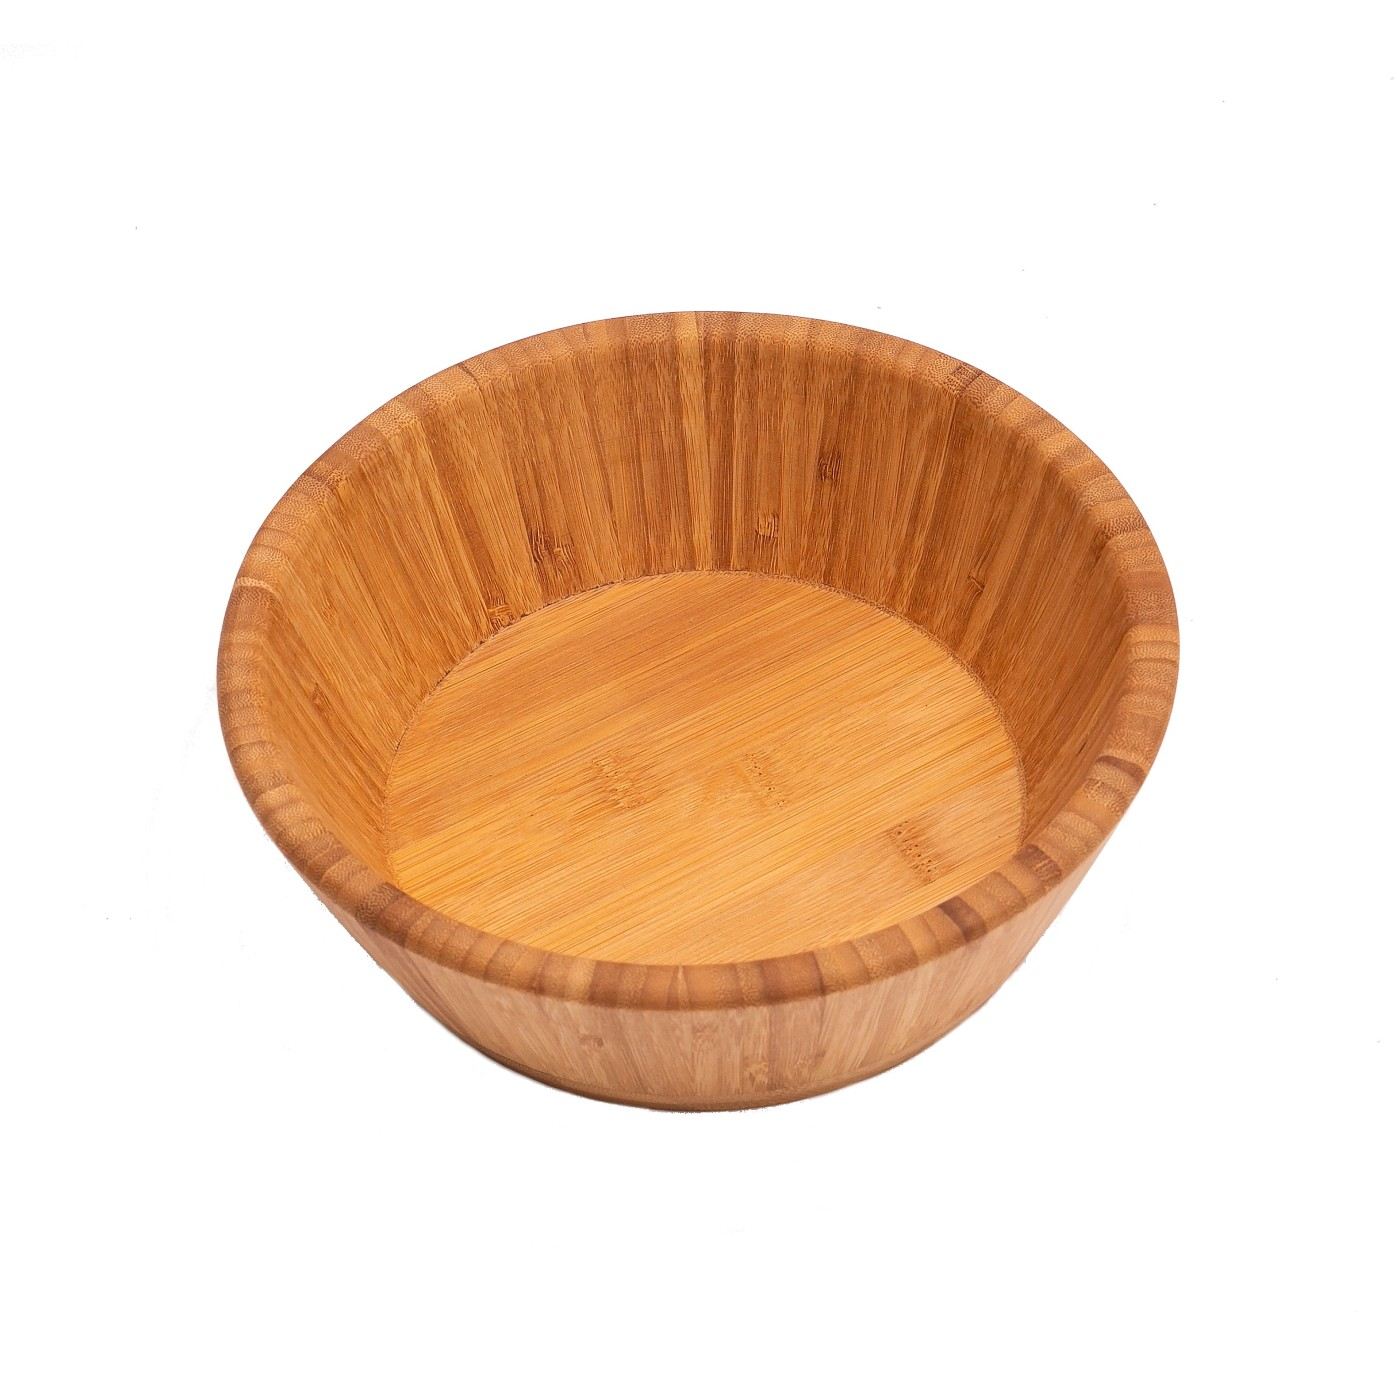 Saladeira de Bambu 25cm Marrom - Bianchini